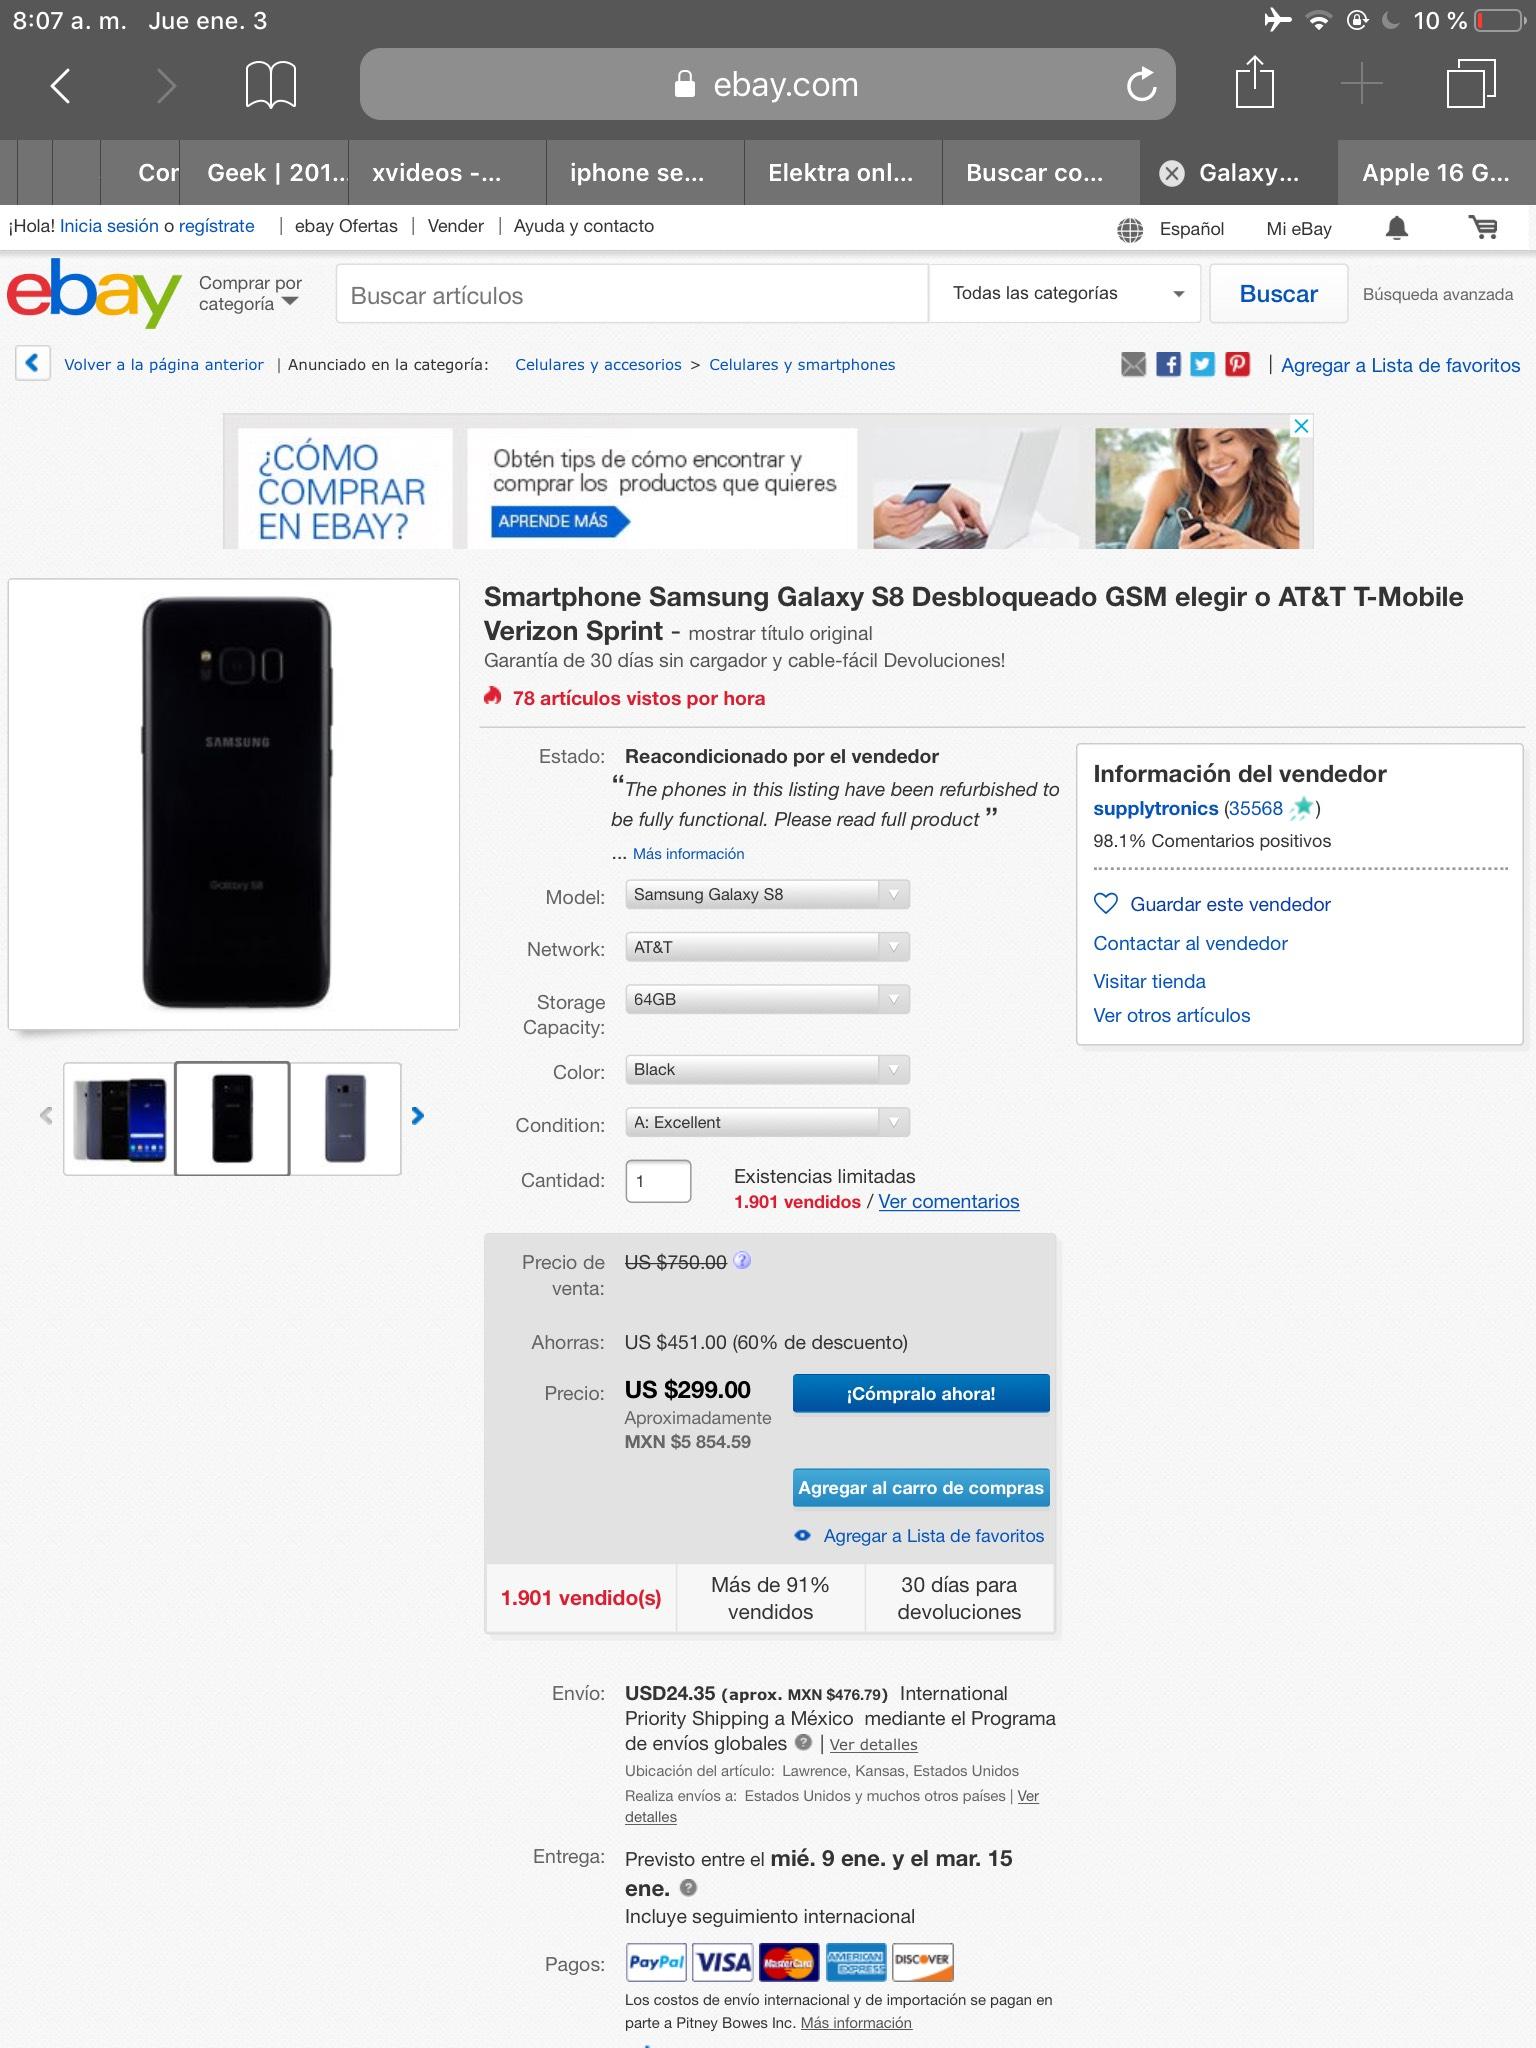 ebay: S8 reacondicionado